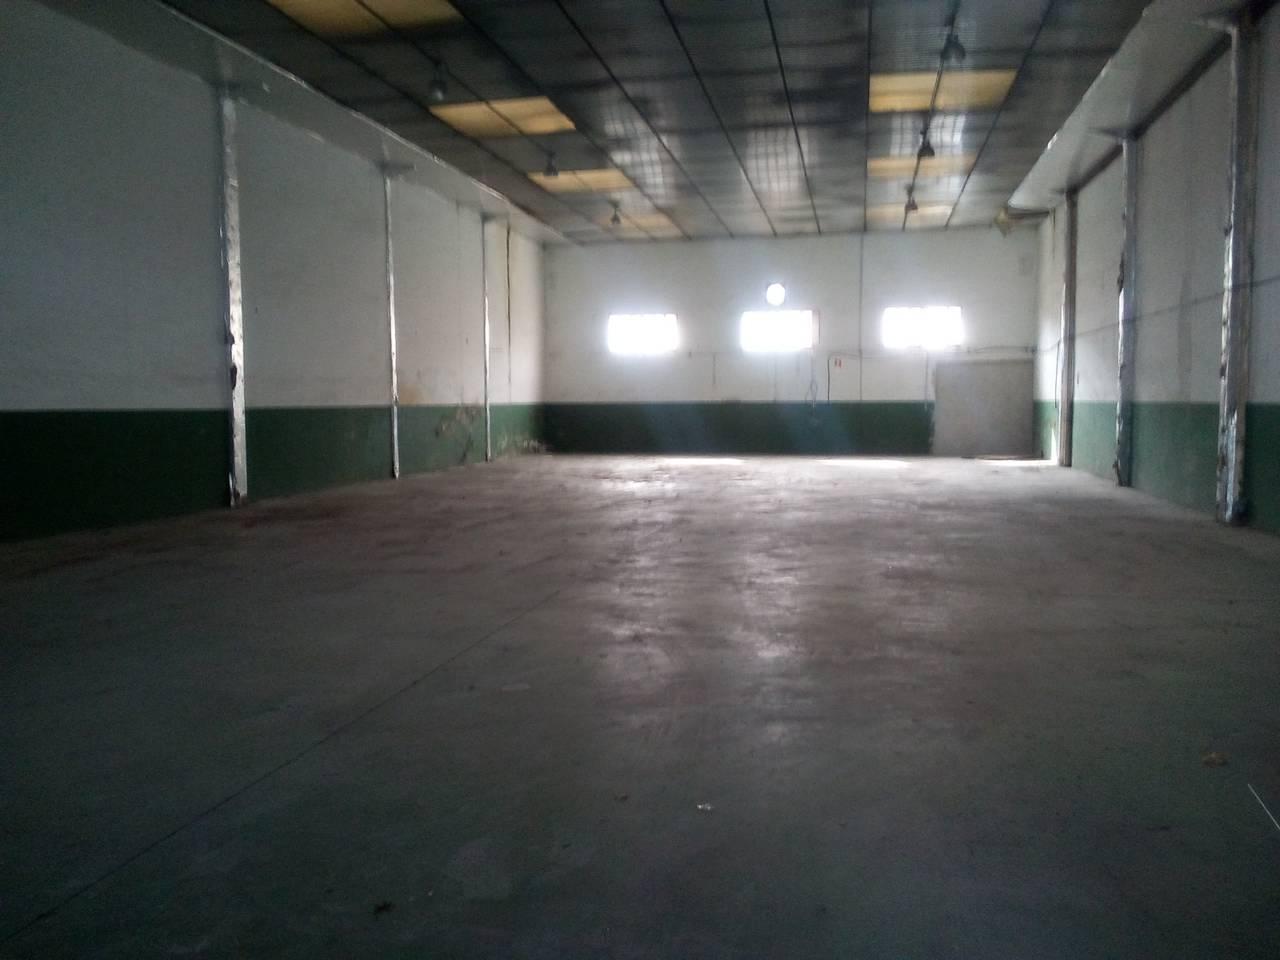 Lloguer Nau industrial  P.i. can cortes sud. Superf. 450 m², planta baja, estado certificación: .